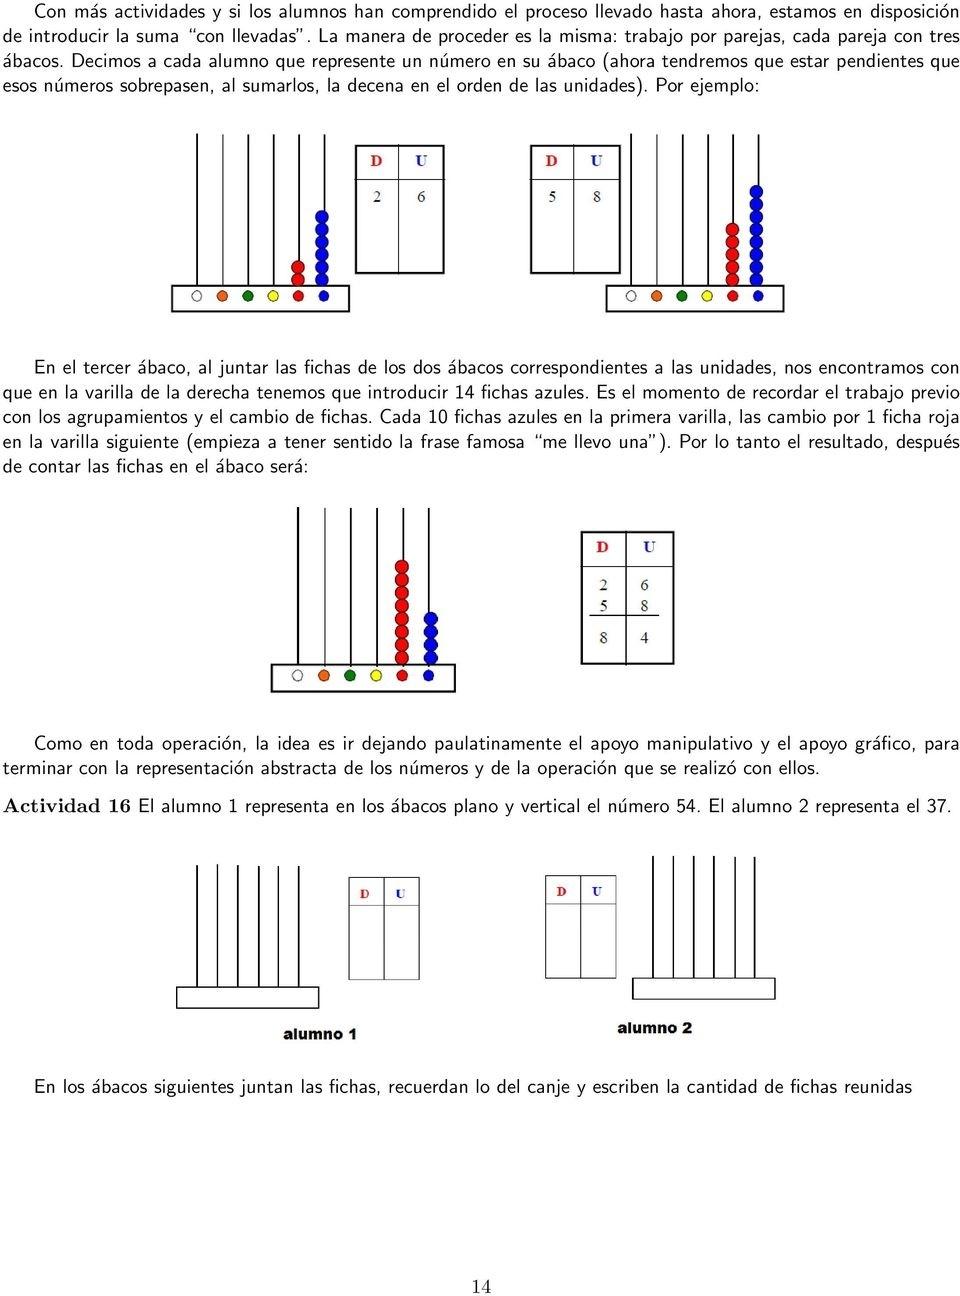 Universidad De La Frontera - Pdf  Operaciones Con El Abaco Suma